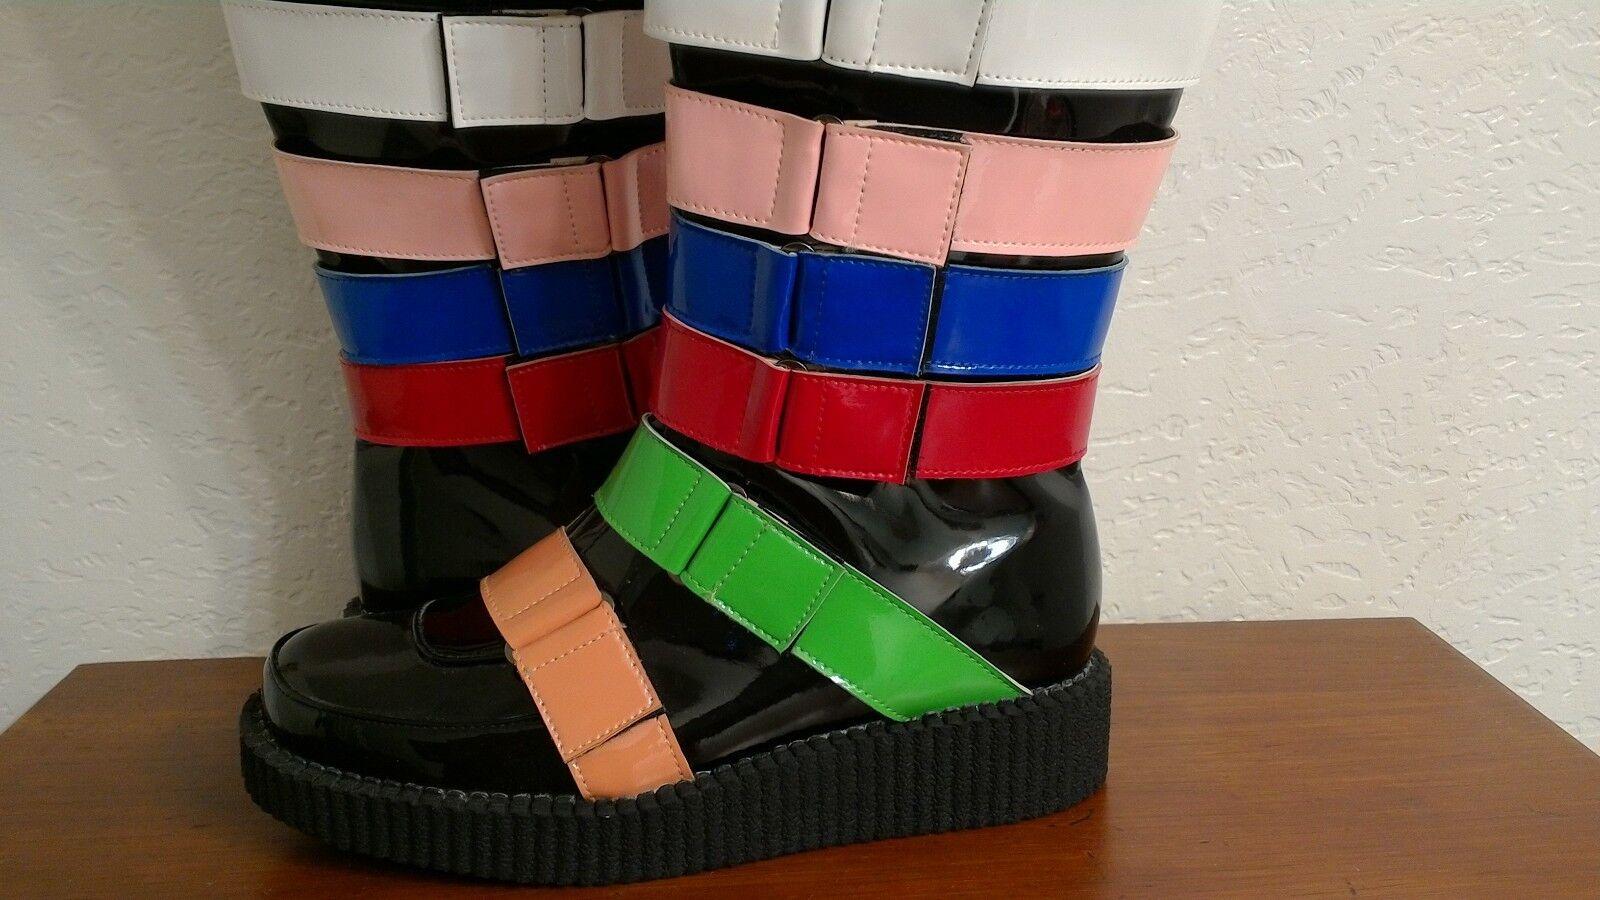 NEW Womens Multicolor Knee High Boots Straps Punk EUR40 Faux Leather Size 9 EUR40 Punk 3acc03